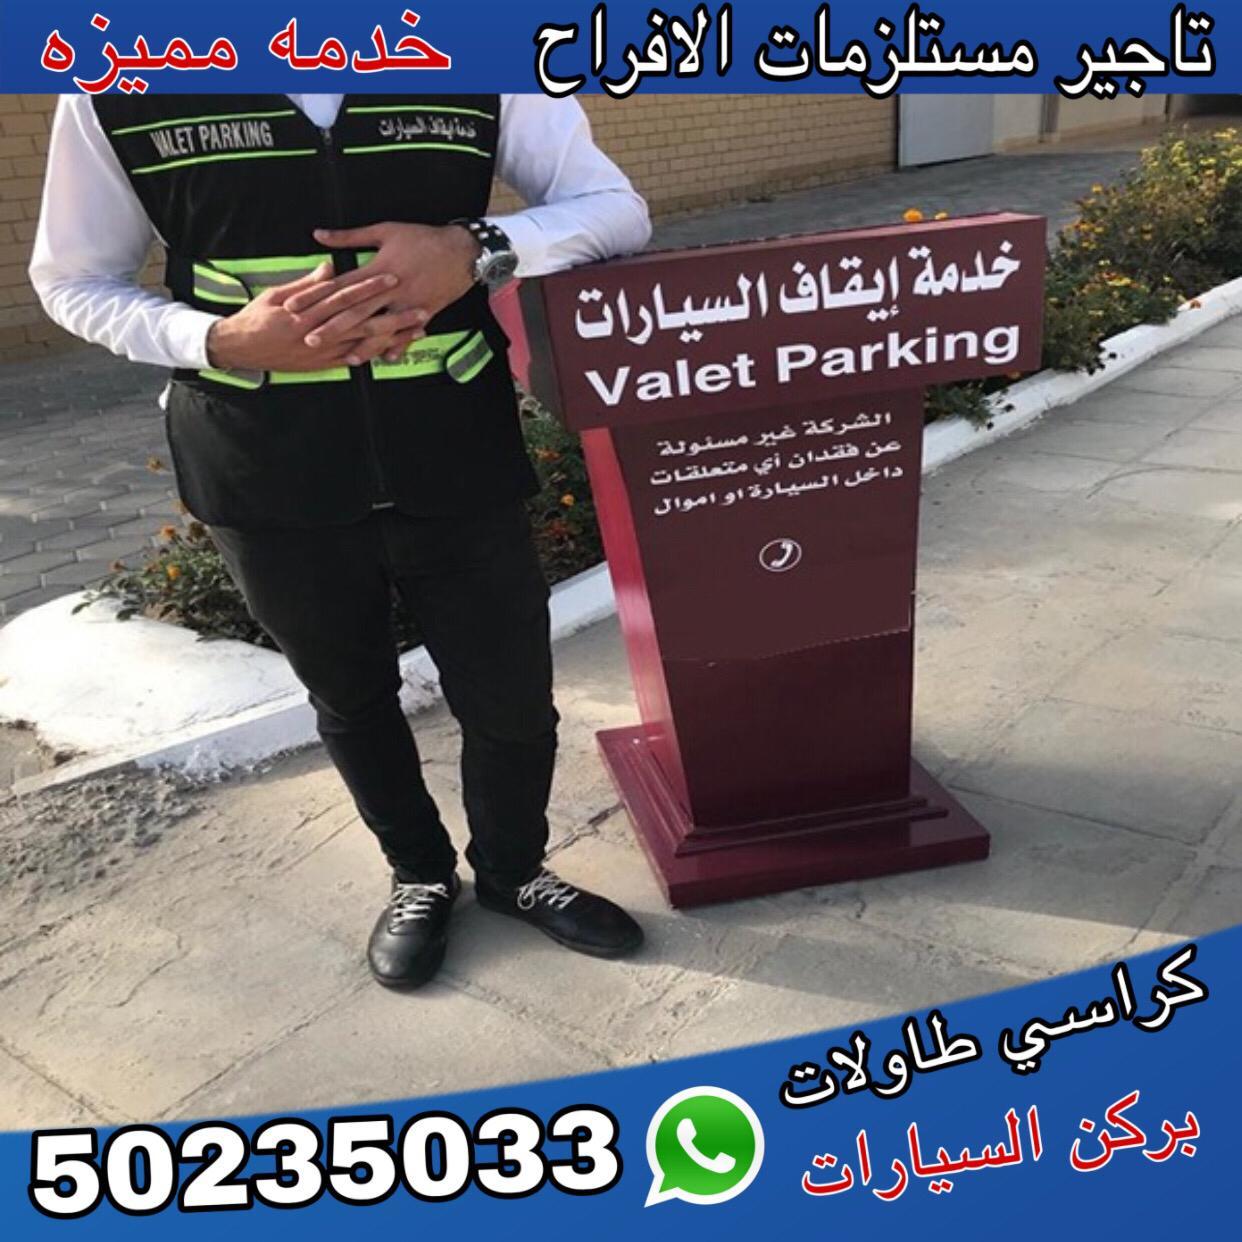 خدمة فاليه الكويت | 50235033 | الفخامة الكويتية